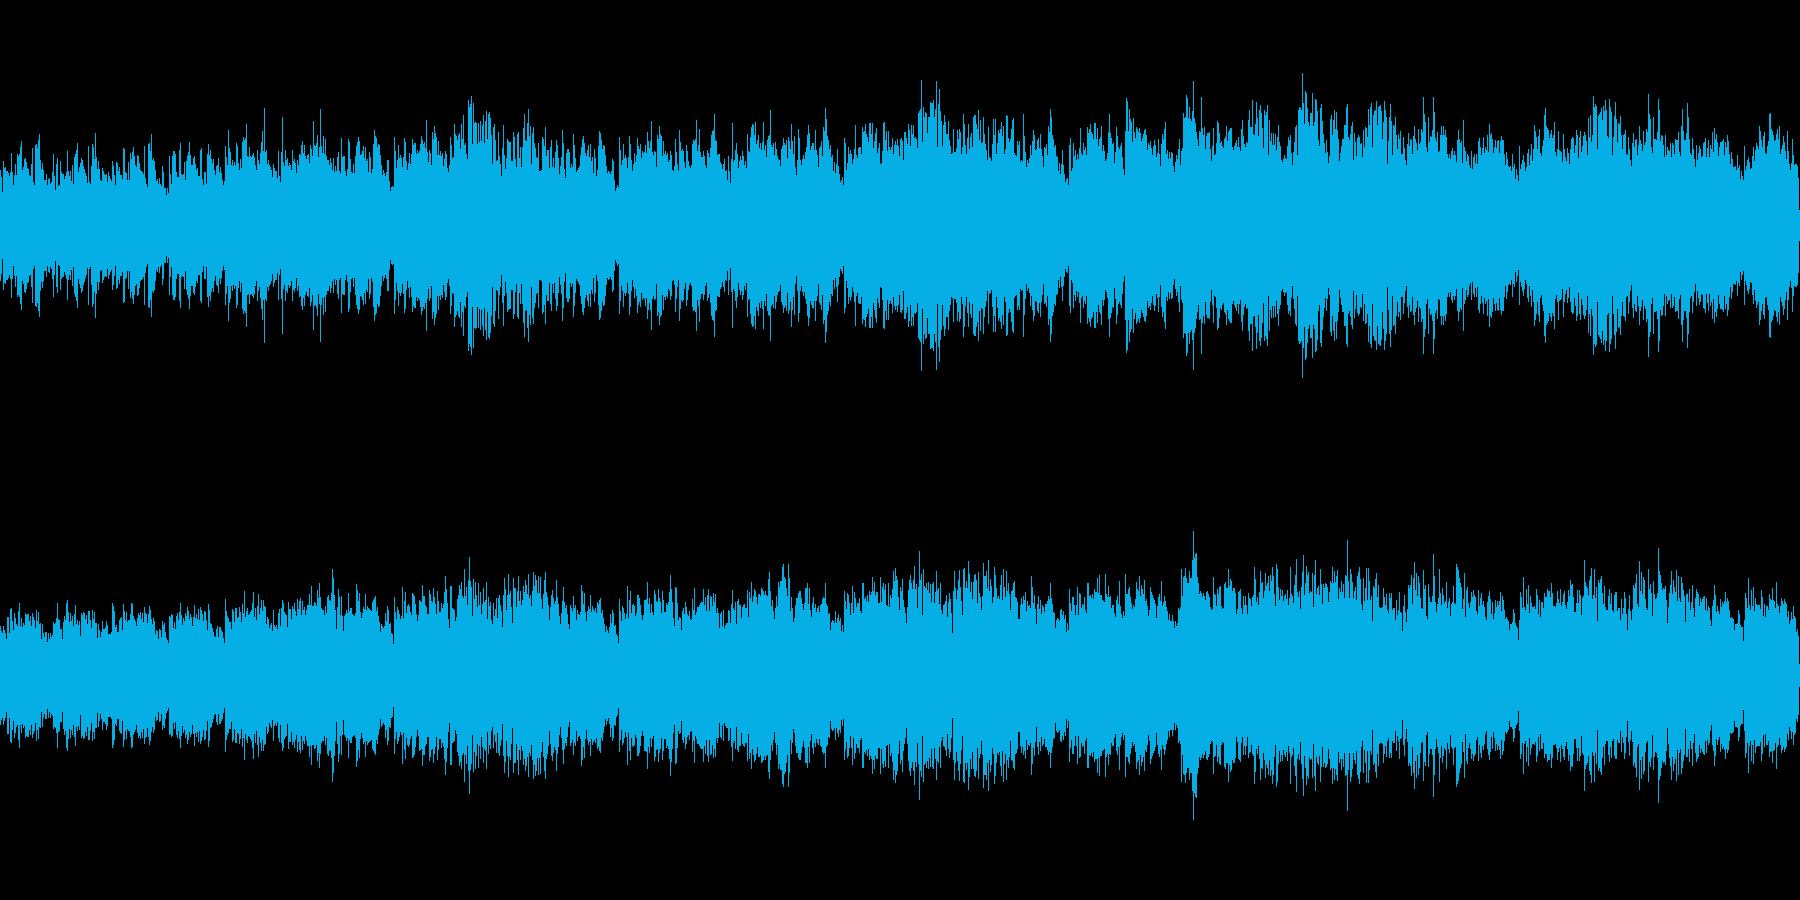 のんびり爽やかな天気予報のBGMの再生済みの波形